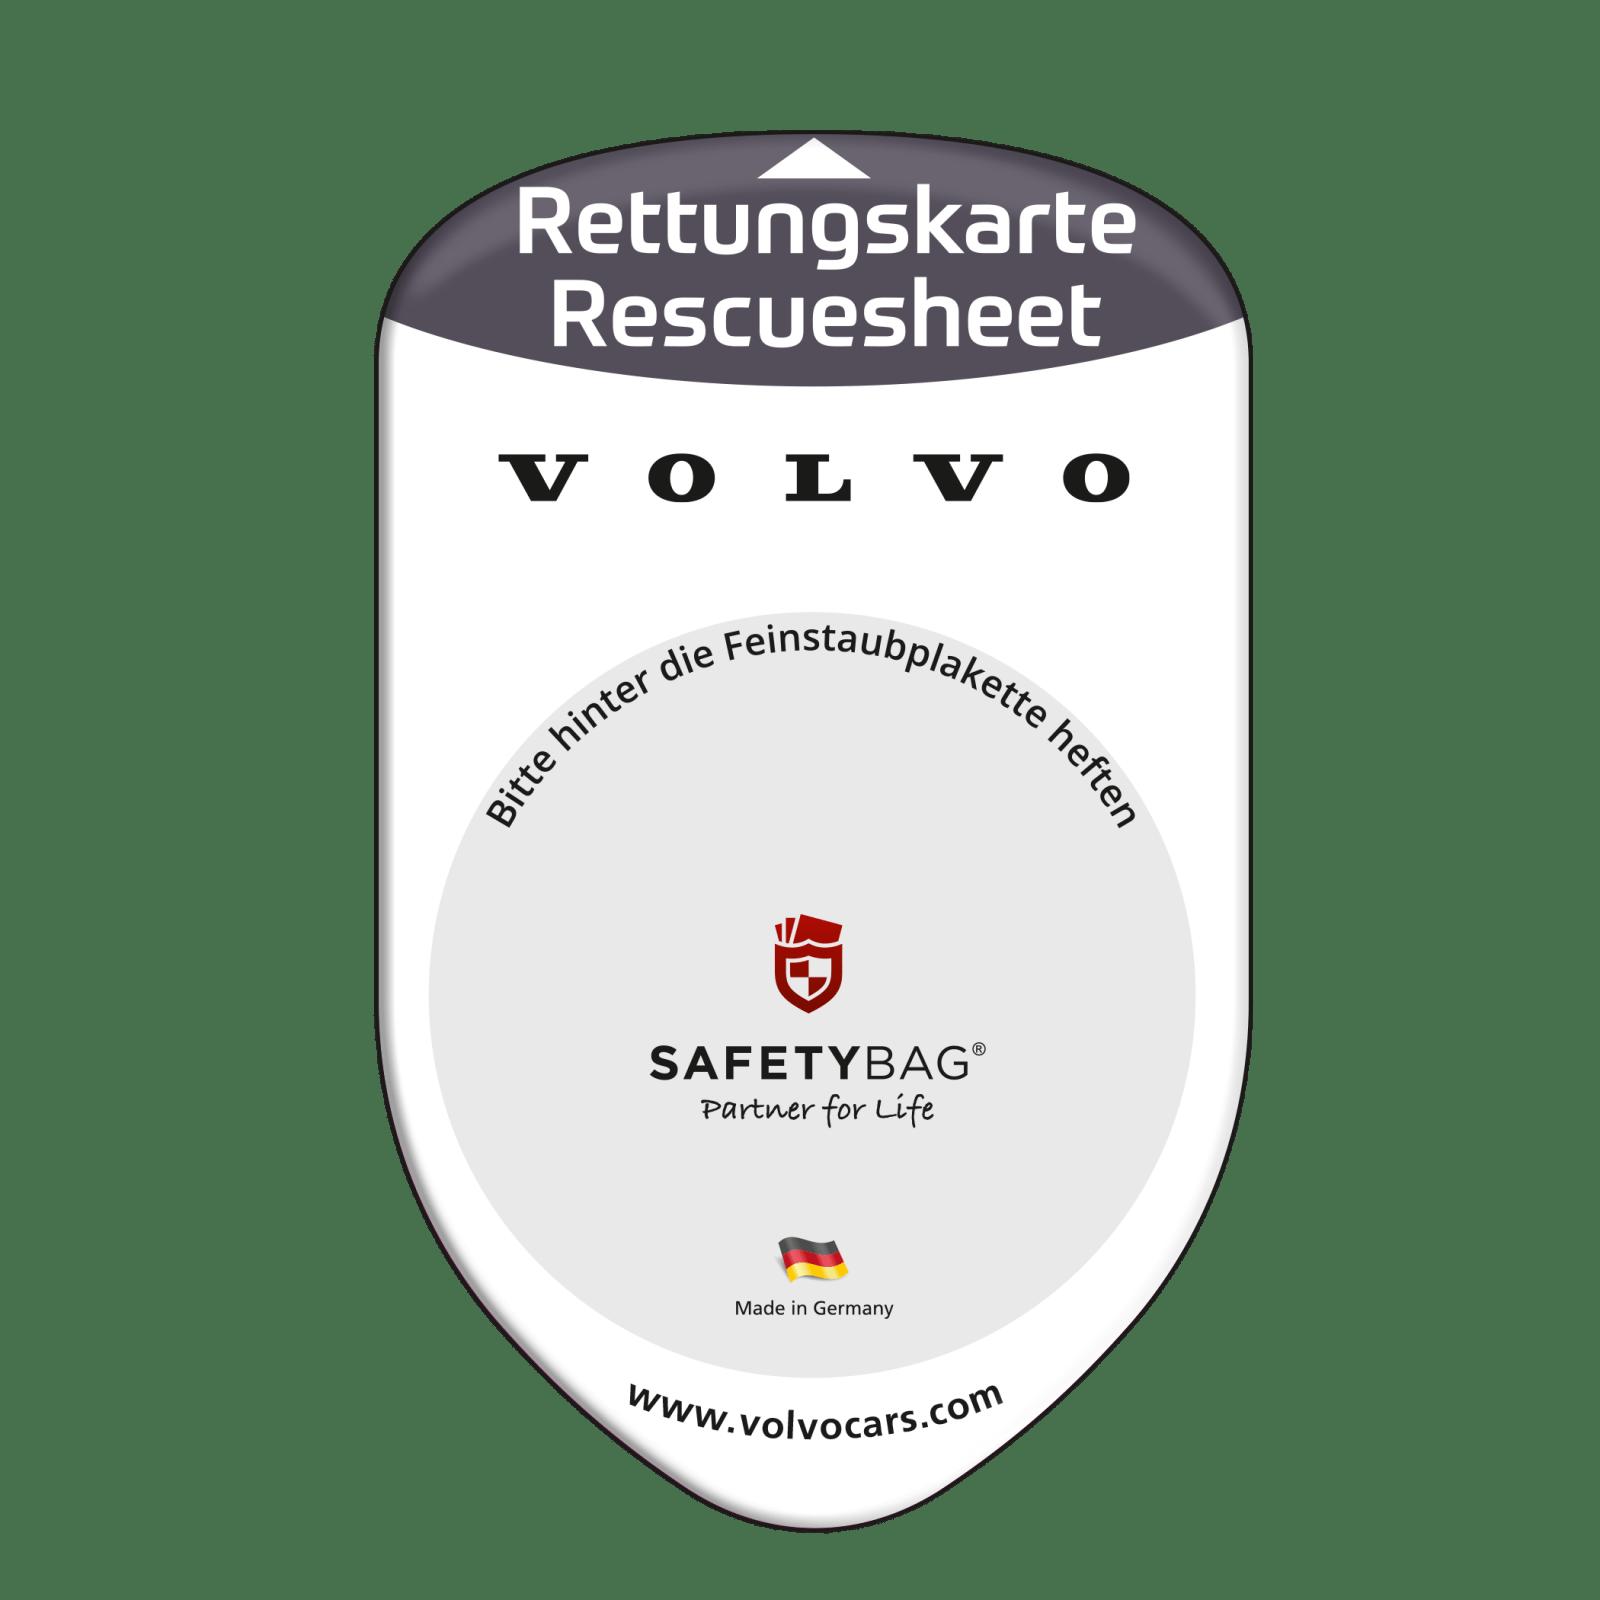 Werbung Referenzen VOLVO Automobil Hersteller – SAFETYBAG® –Die Rettungskarten-Halterung Hülle Tasche für jedes Auto – Autohäuser –für Fuhrpark Mitarbeiter nachhaltiges Werbegeschenk Give-away